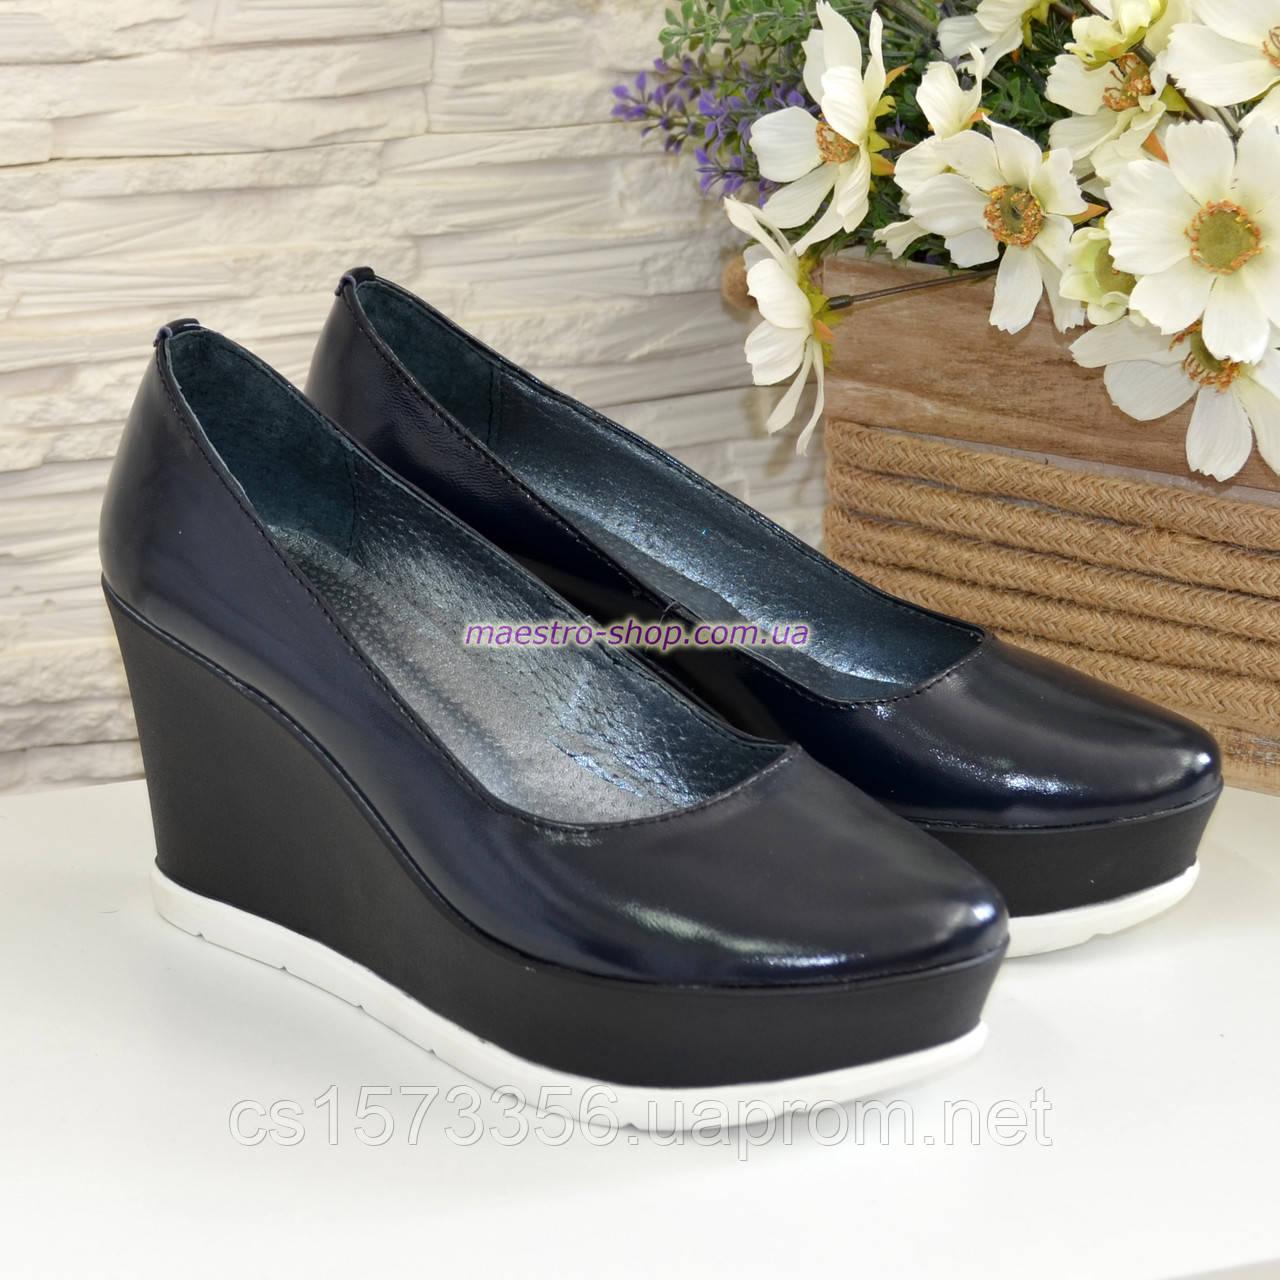 Женские синие лаковые туфли на устойчивой платформе